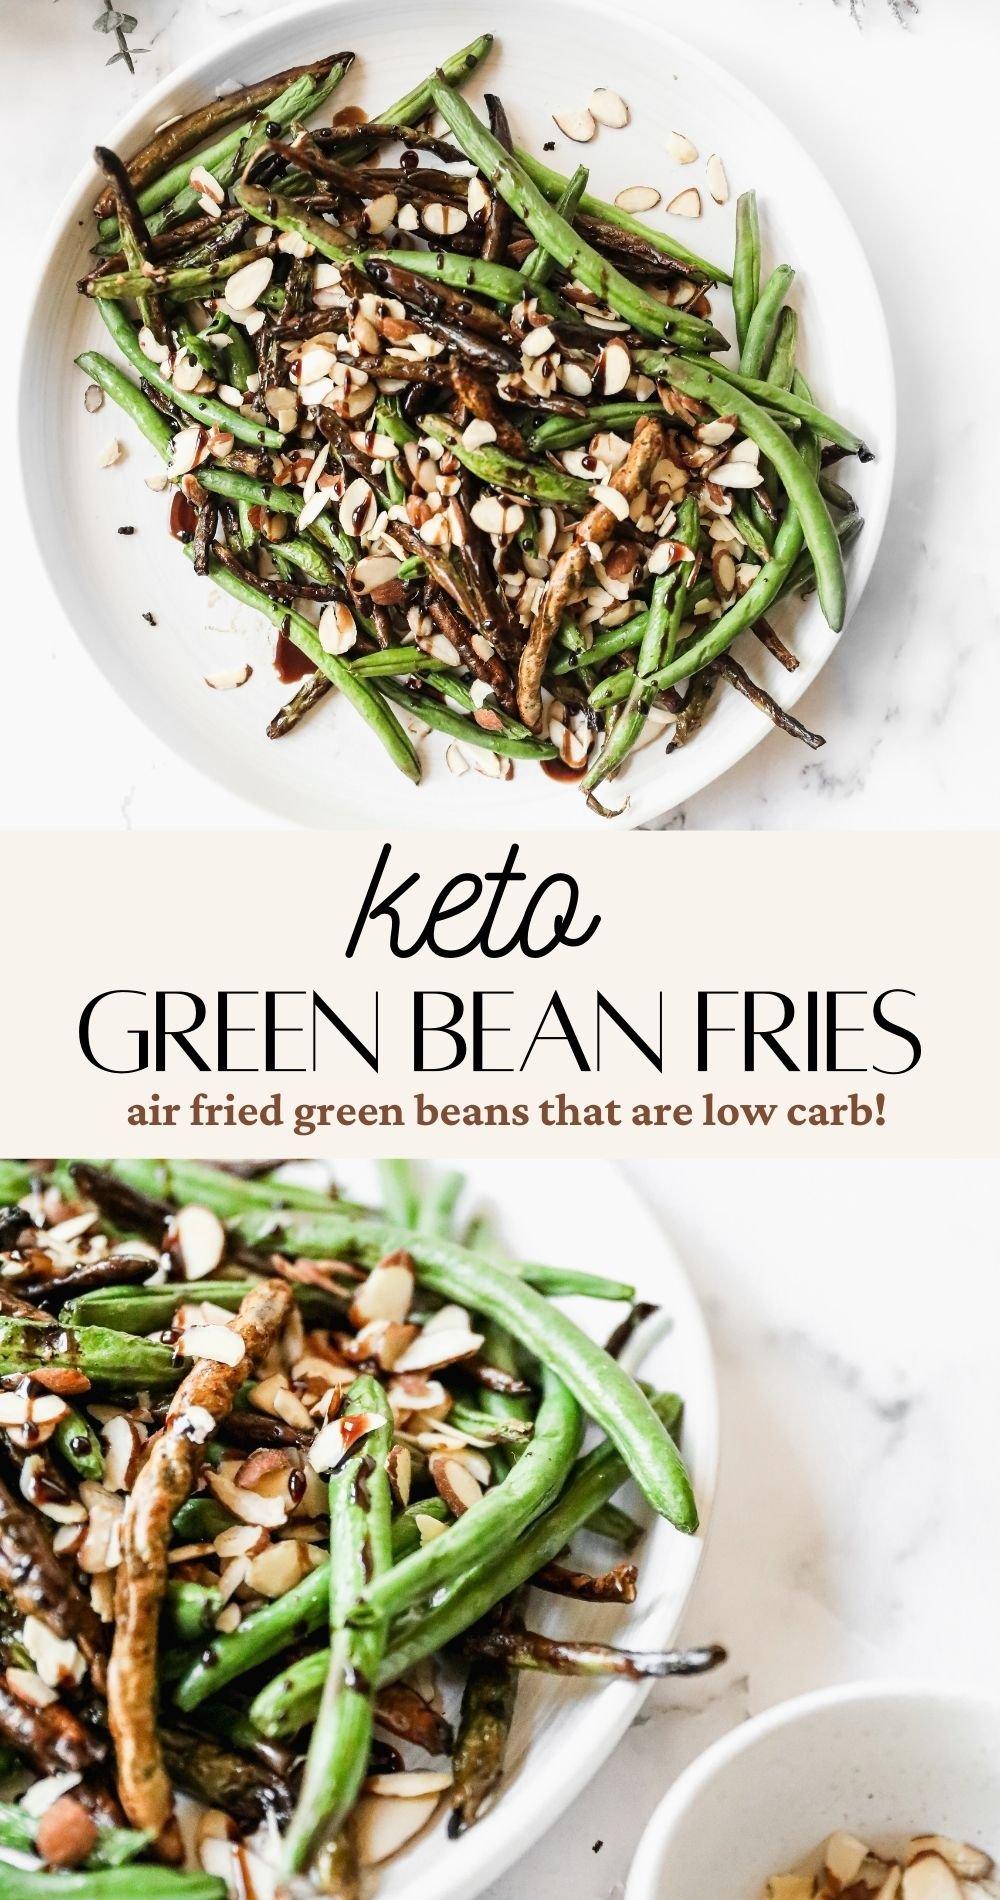 green bean fries pin image